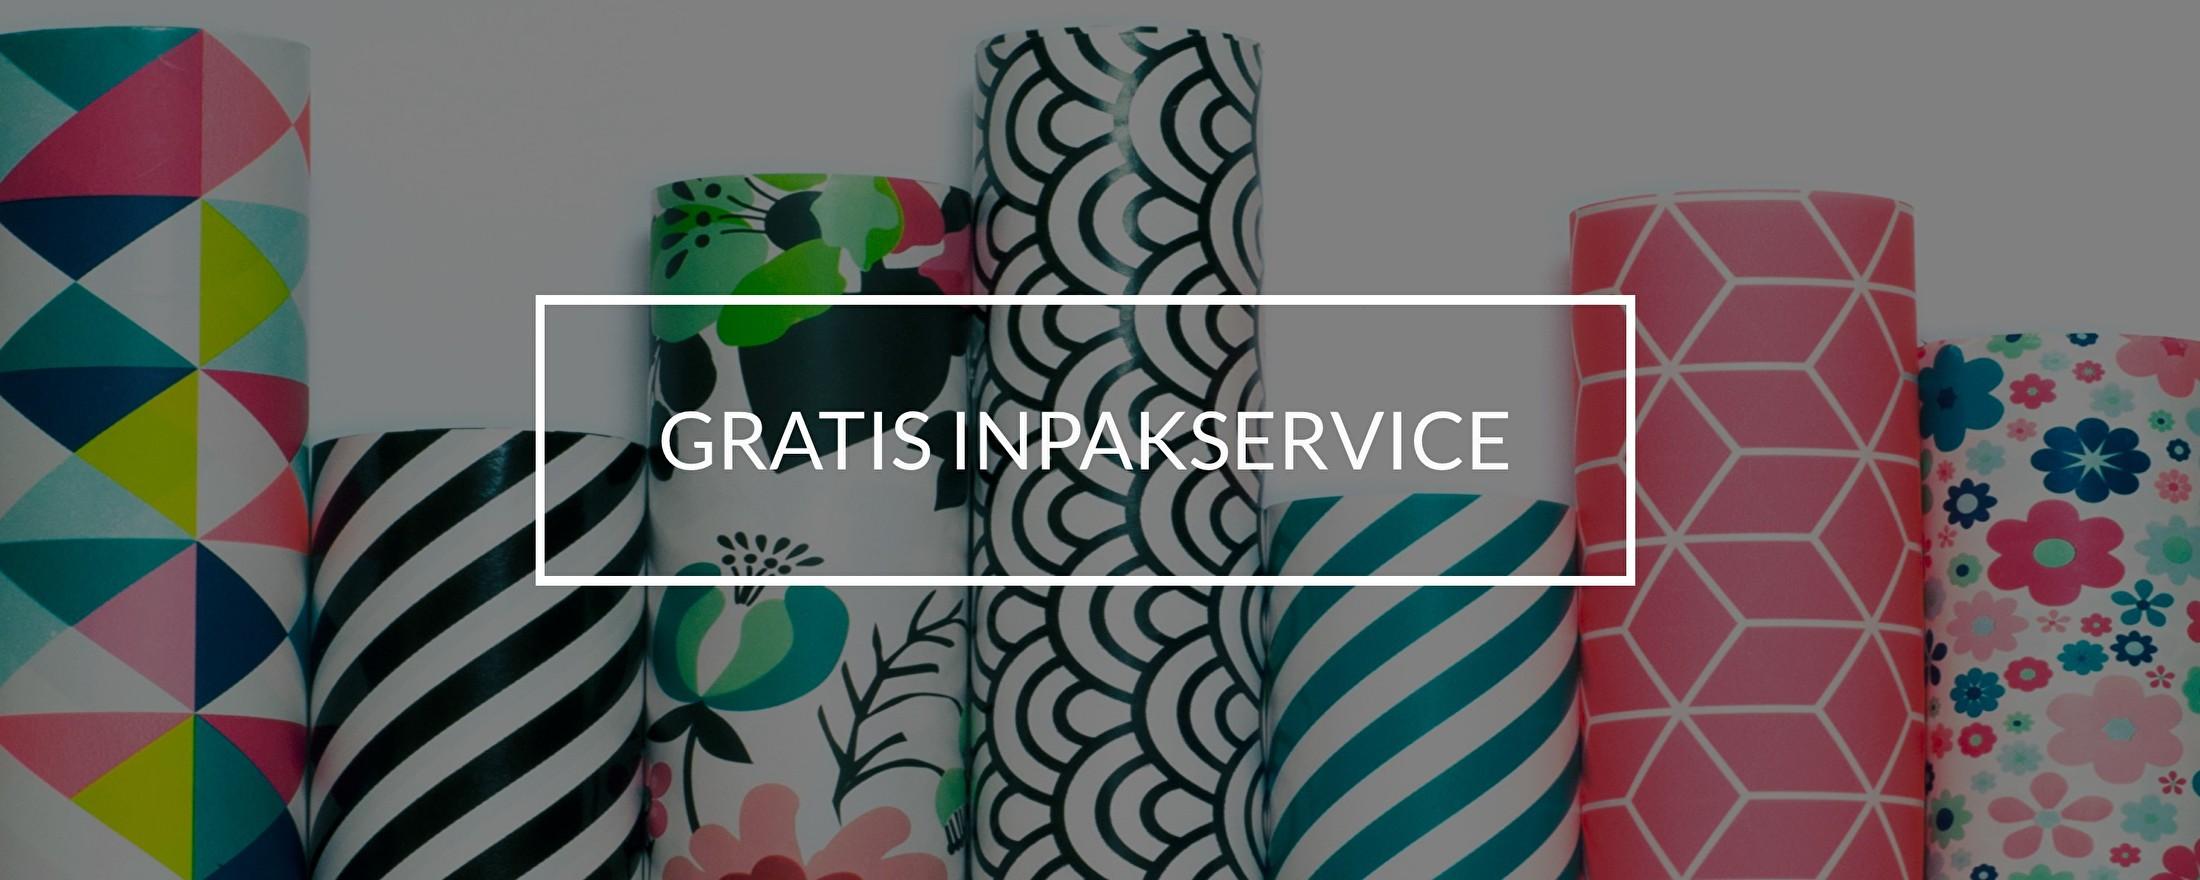 GRATIS INPAKSERVICE V2